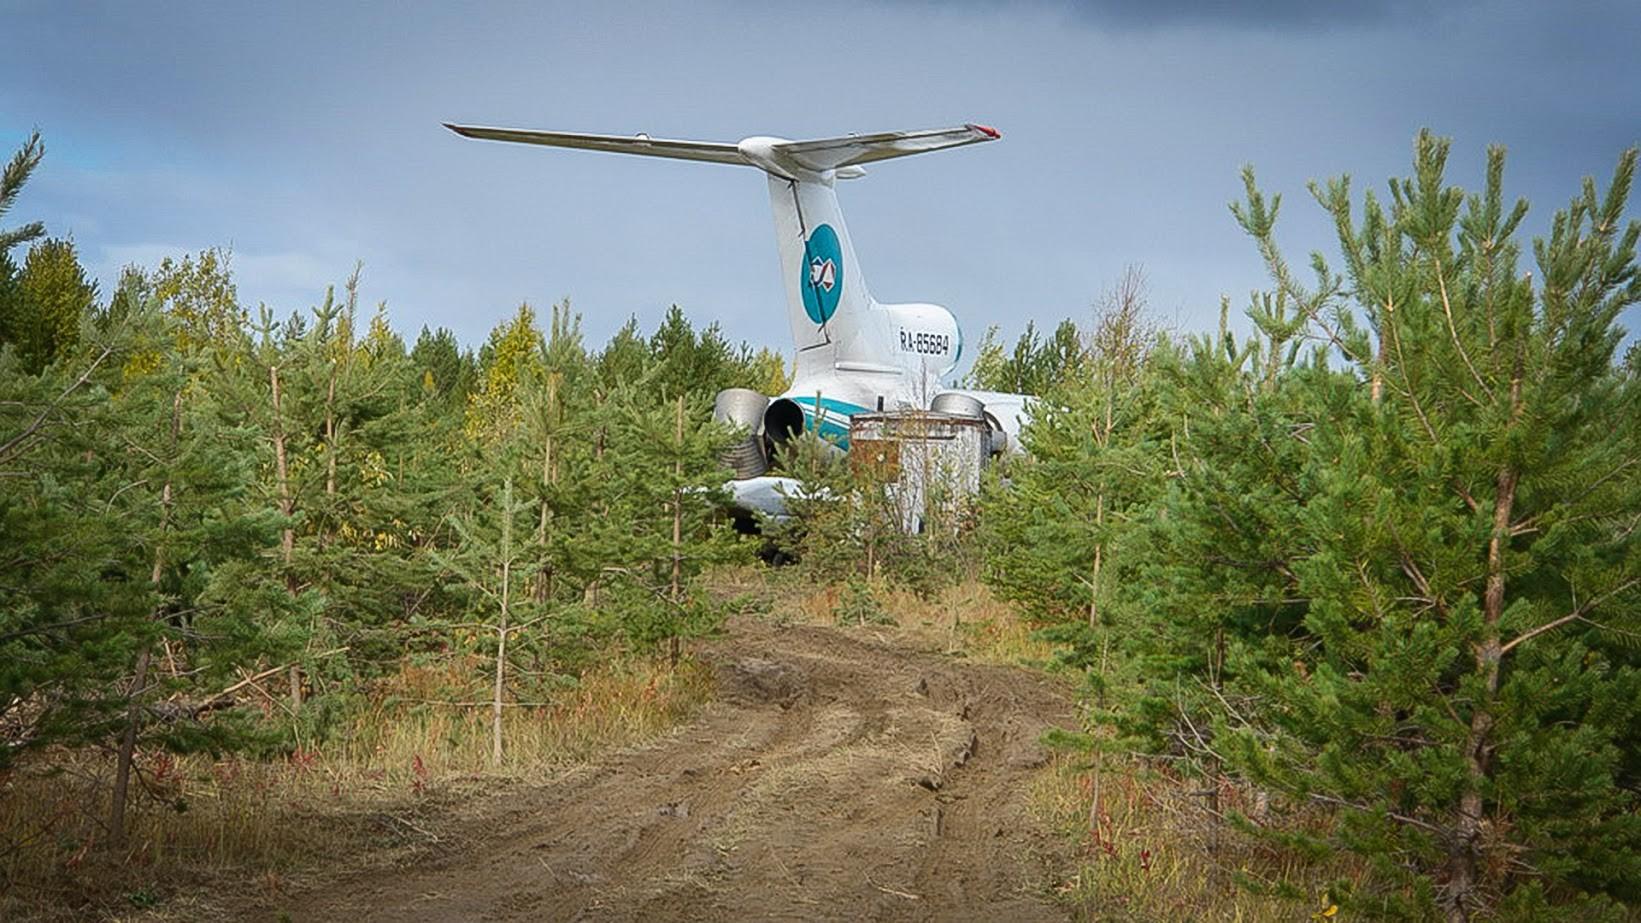 Letalo po zasilnem pristanku